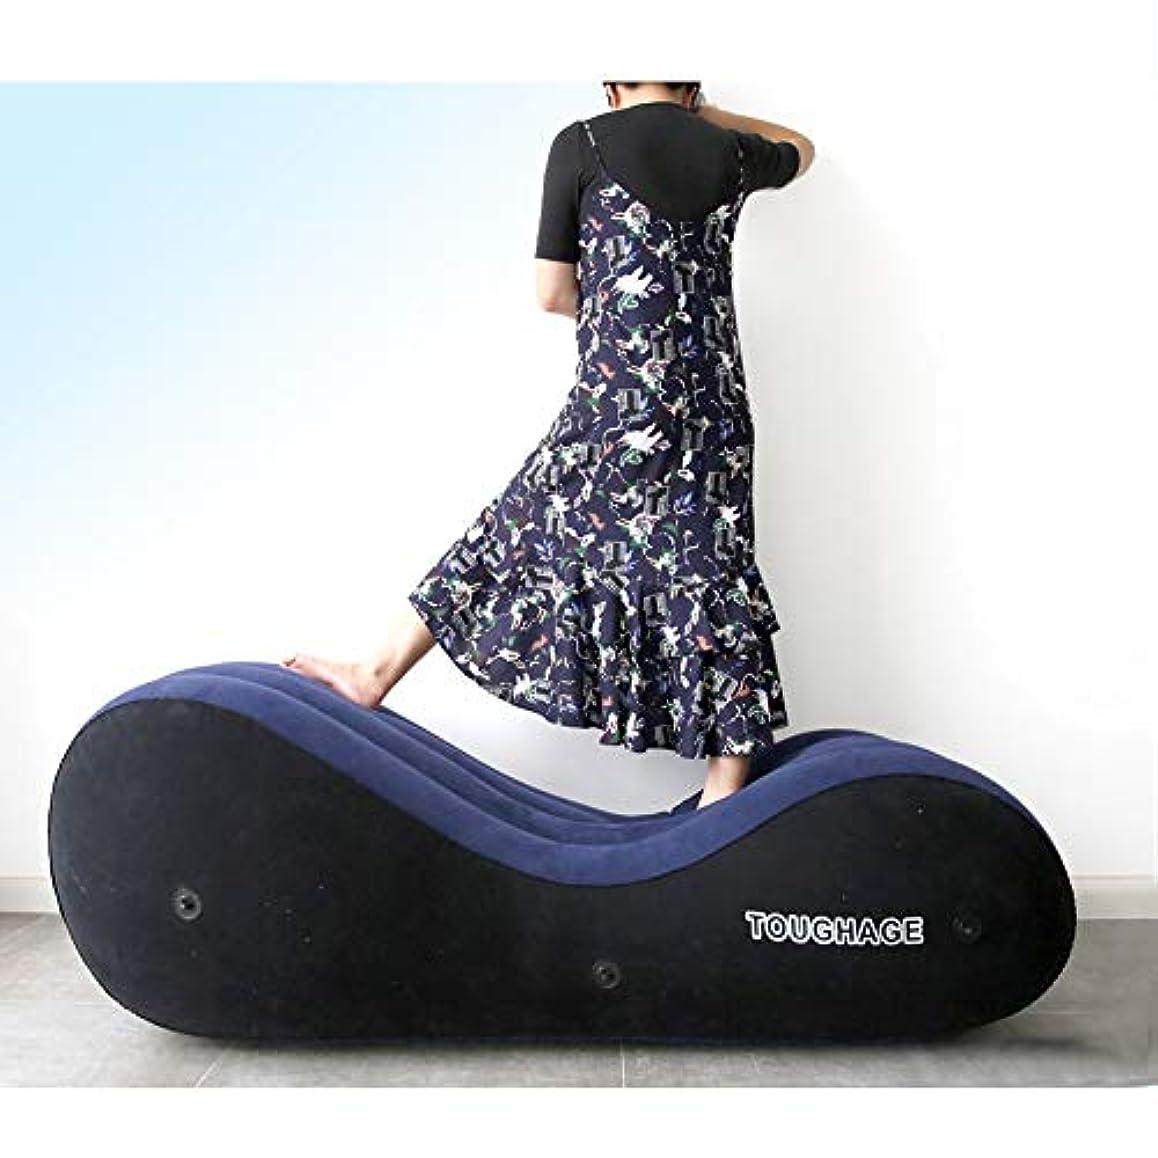 折り目テクトニック哺乳類Rabugoo 大人のおもちゃ 性は大人の膨脹可能なソファーのおもちゃのエアクッションの女性の性の目的をもてあそびます